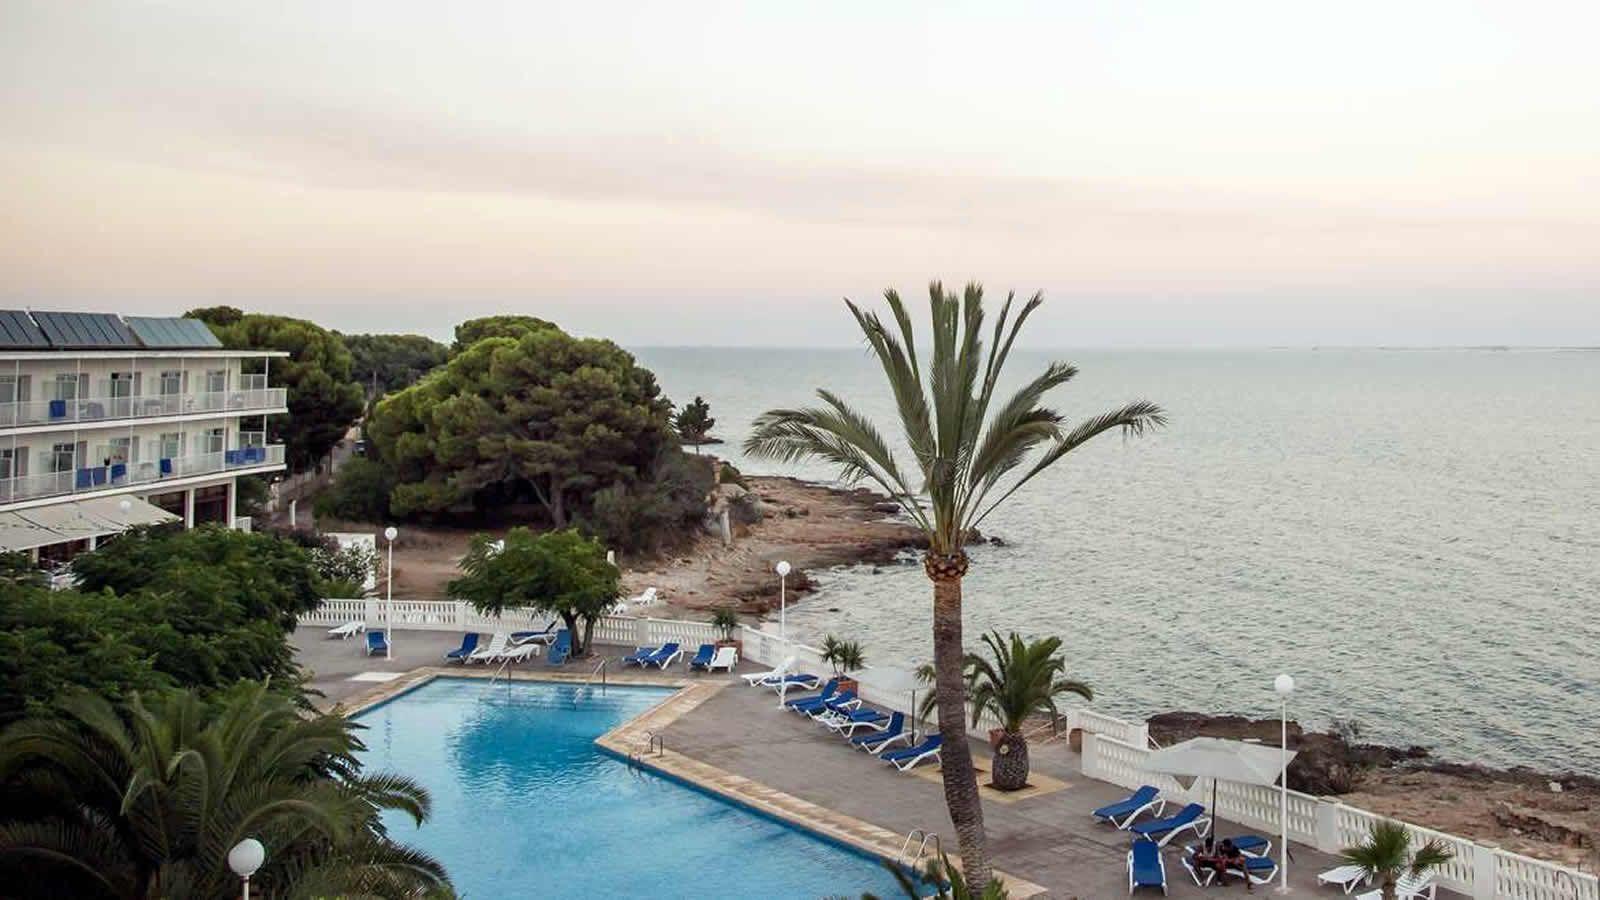 Piscinas al mar Mediterraneo, Delta del Ebro